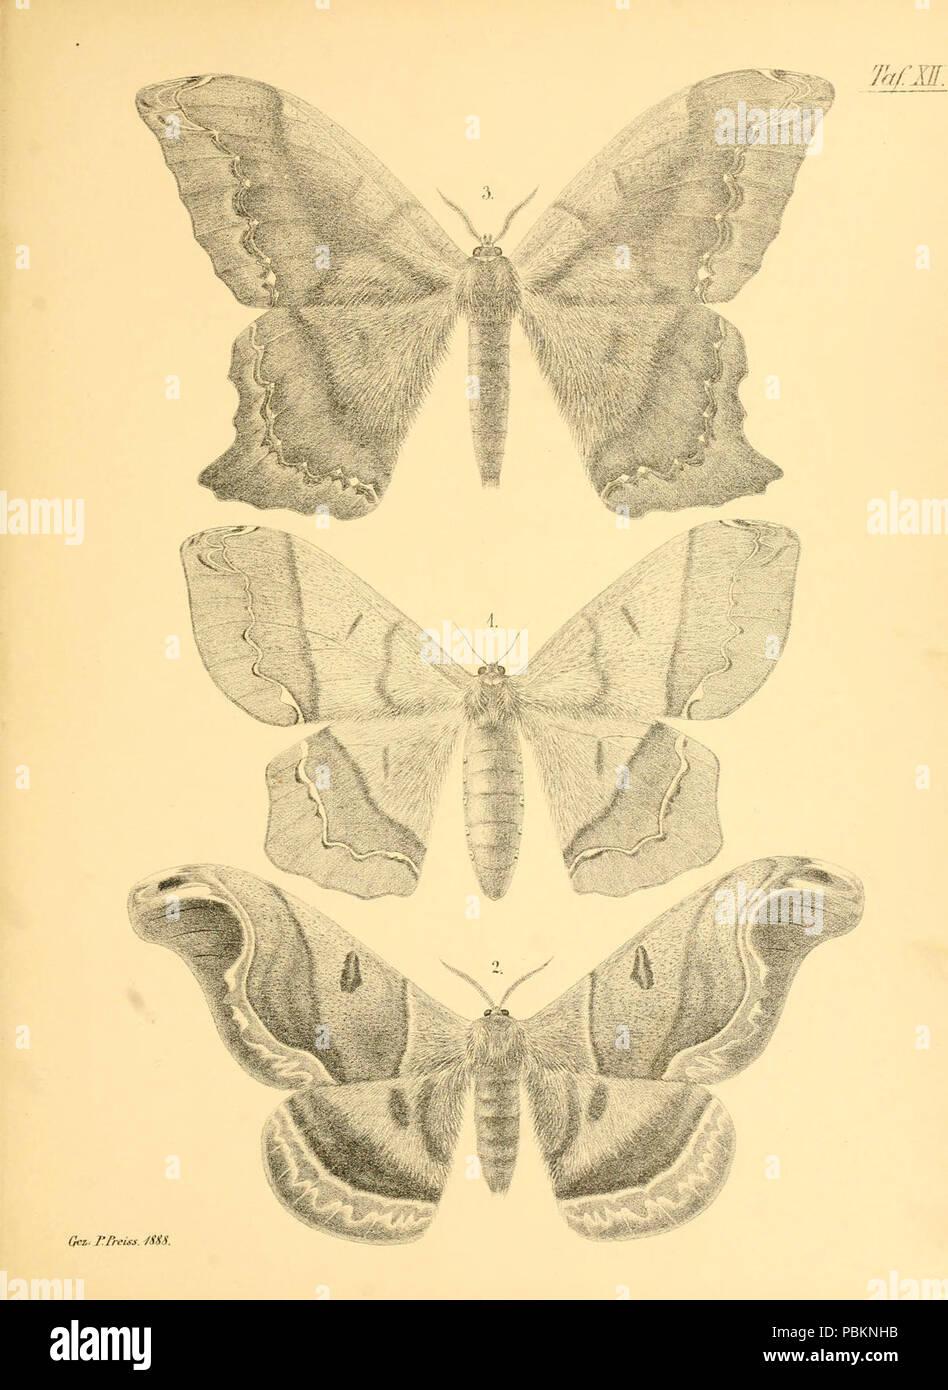 Abbildungen hervorragender Nachtschmetterlinge aus dem indo-australischen und südamerikanischen Faunengebiet (Taf. XII) - Stock Image